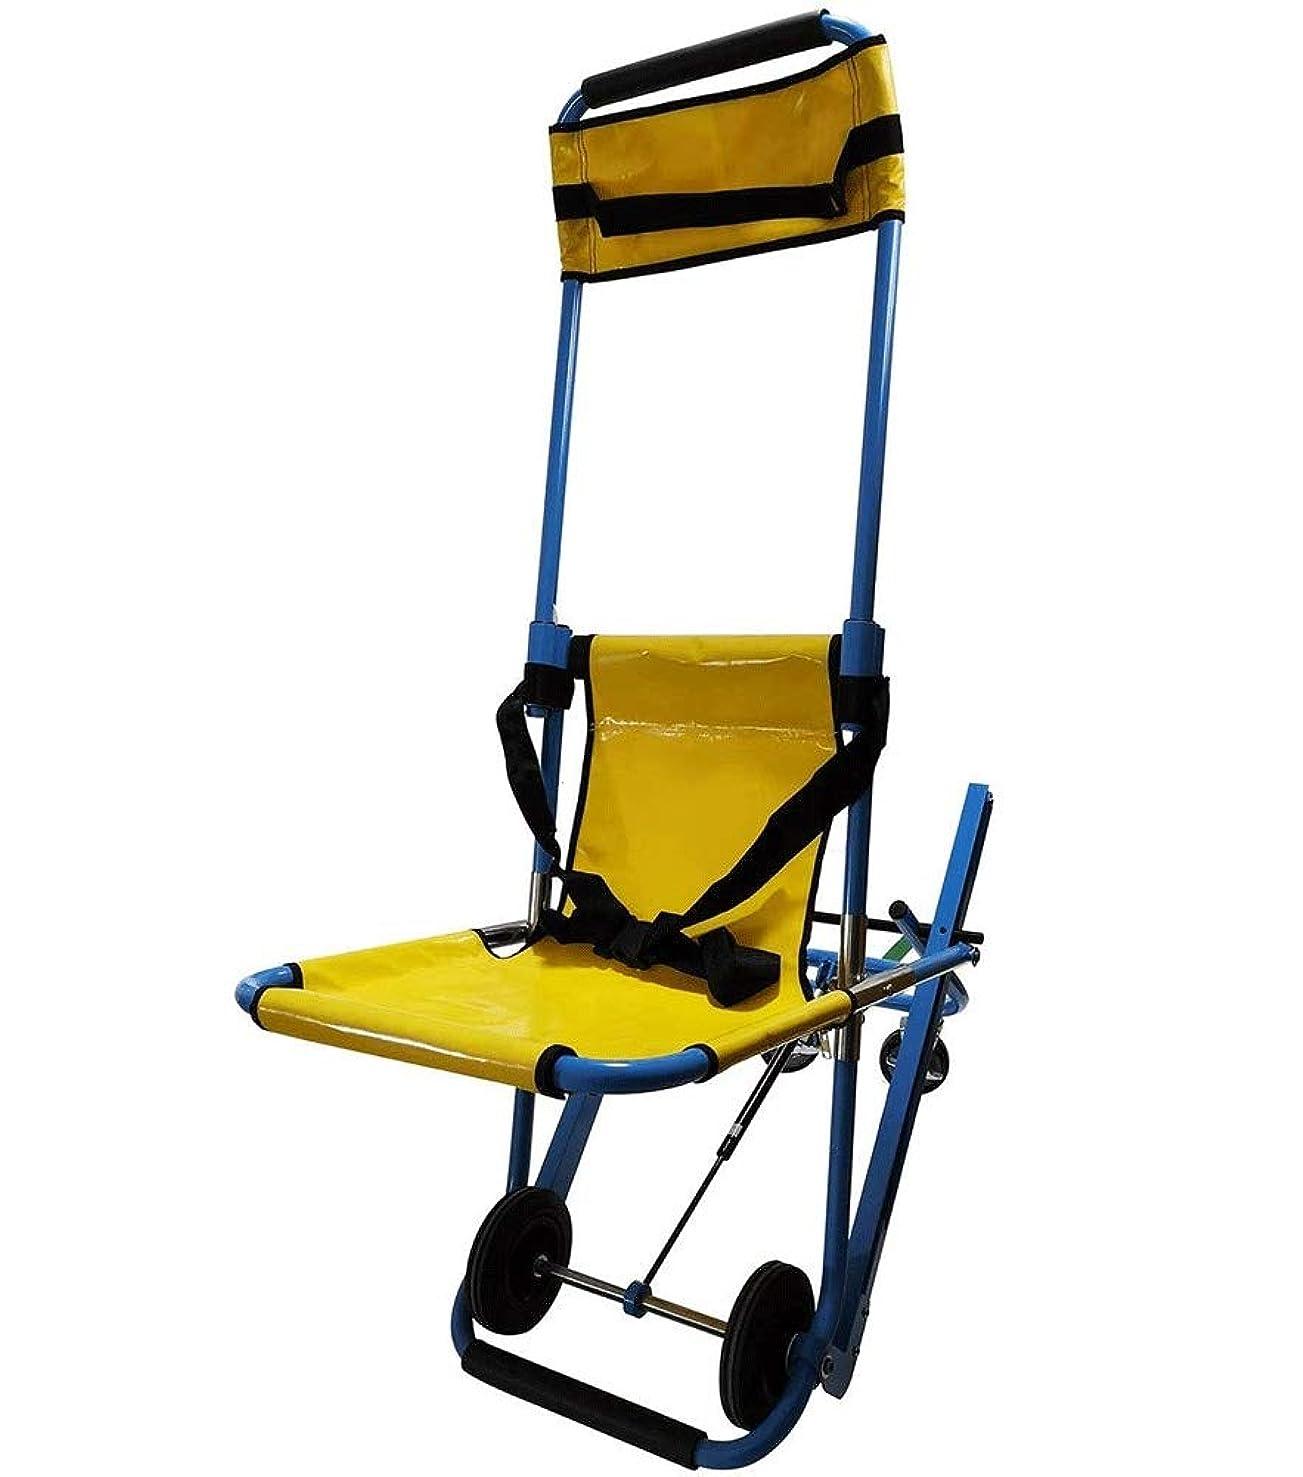 台風お肉断線二つのシートベルトとEMS階段チェア、救急車消防士避難アルミ軽量医療階段チェア、350ポンドを持ち上げ